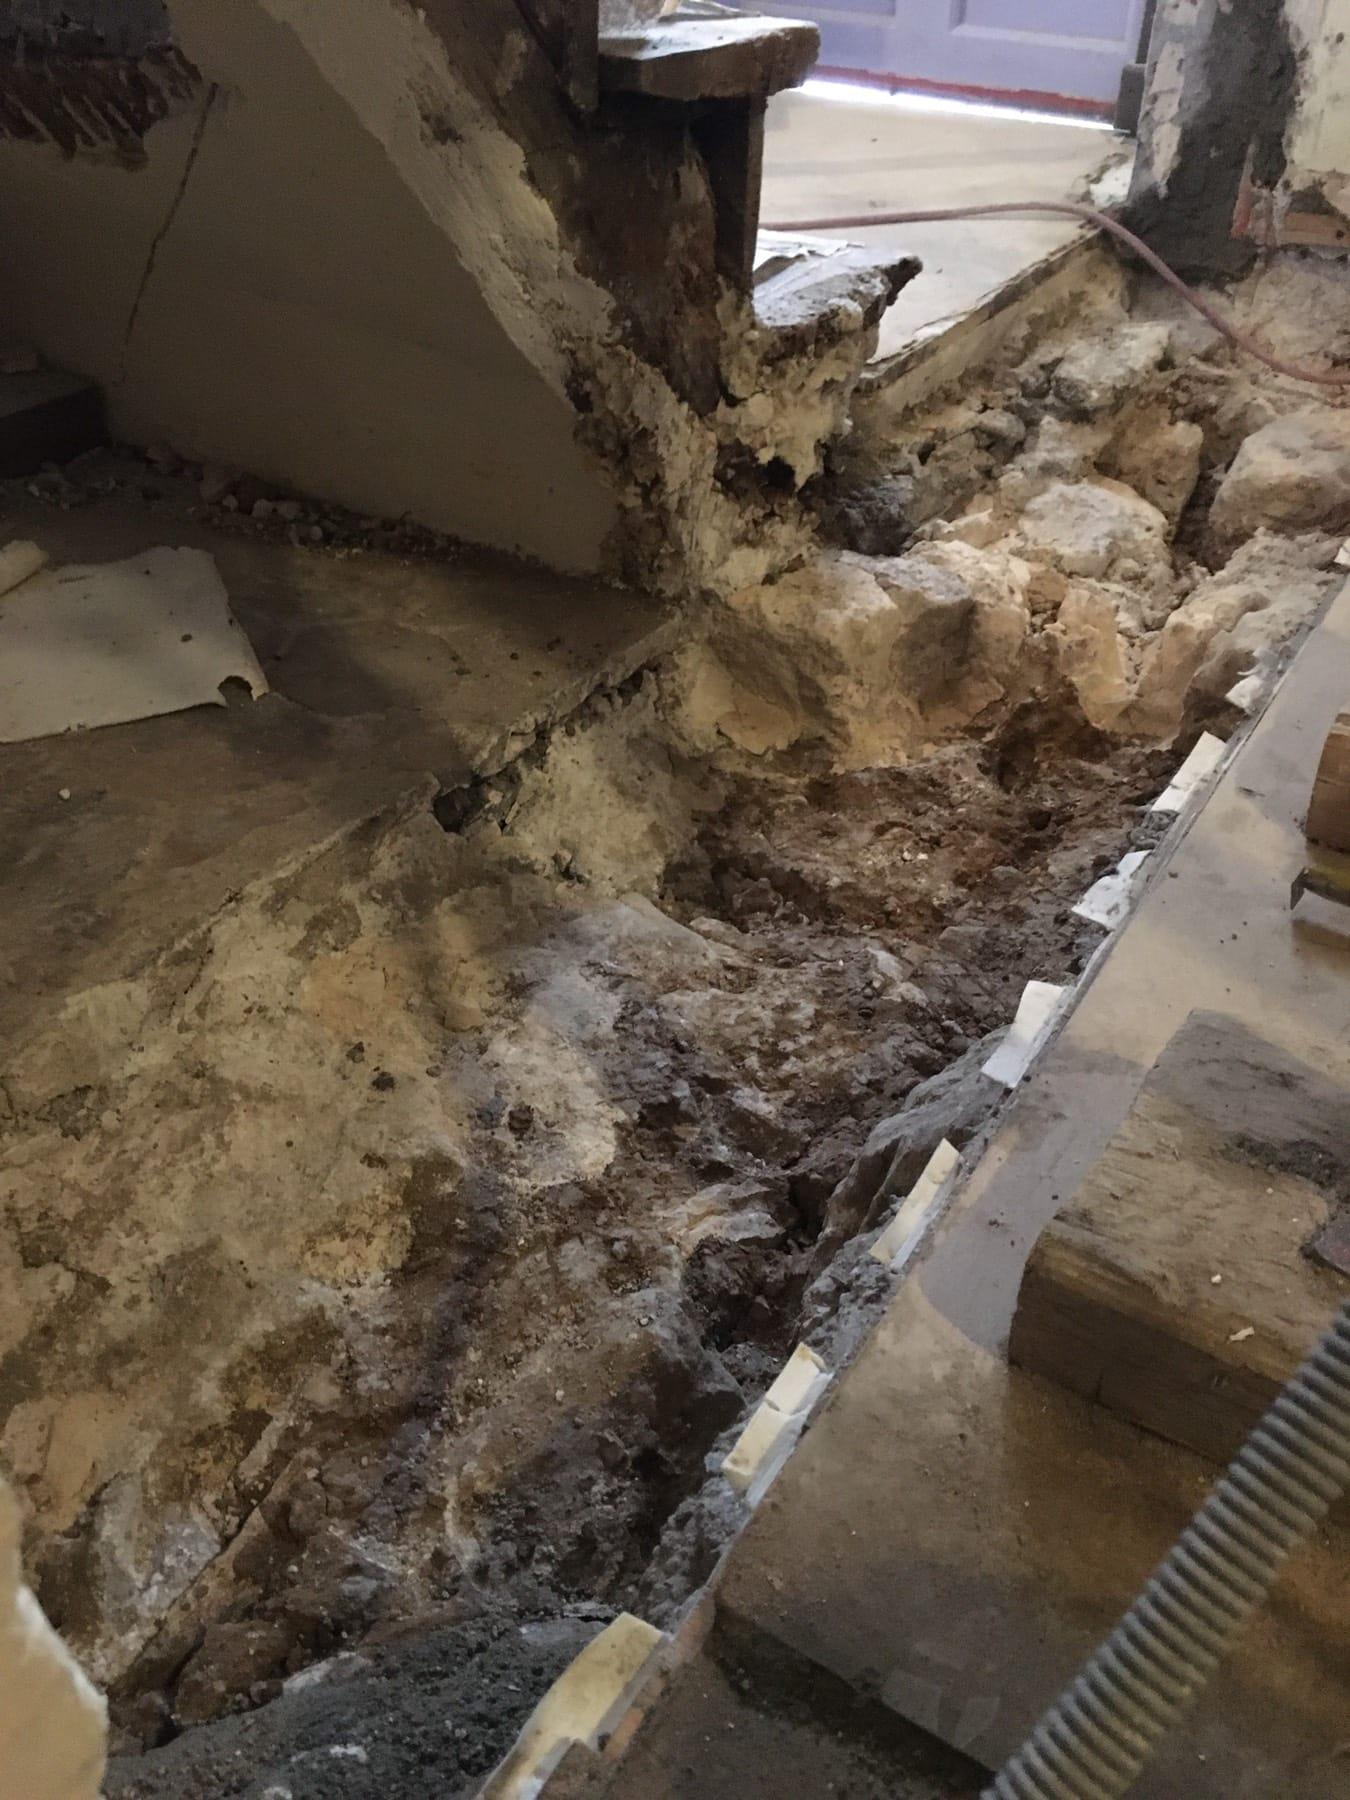 Abattage de trois murs porteurs en pierre au Charenton-le-Pont. Démolition d'une chape en BA. Consolidation par structure métallique. - Murs porteurs